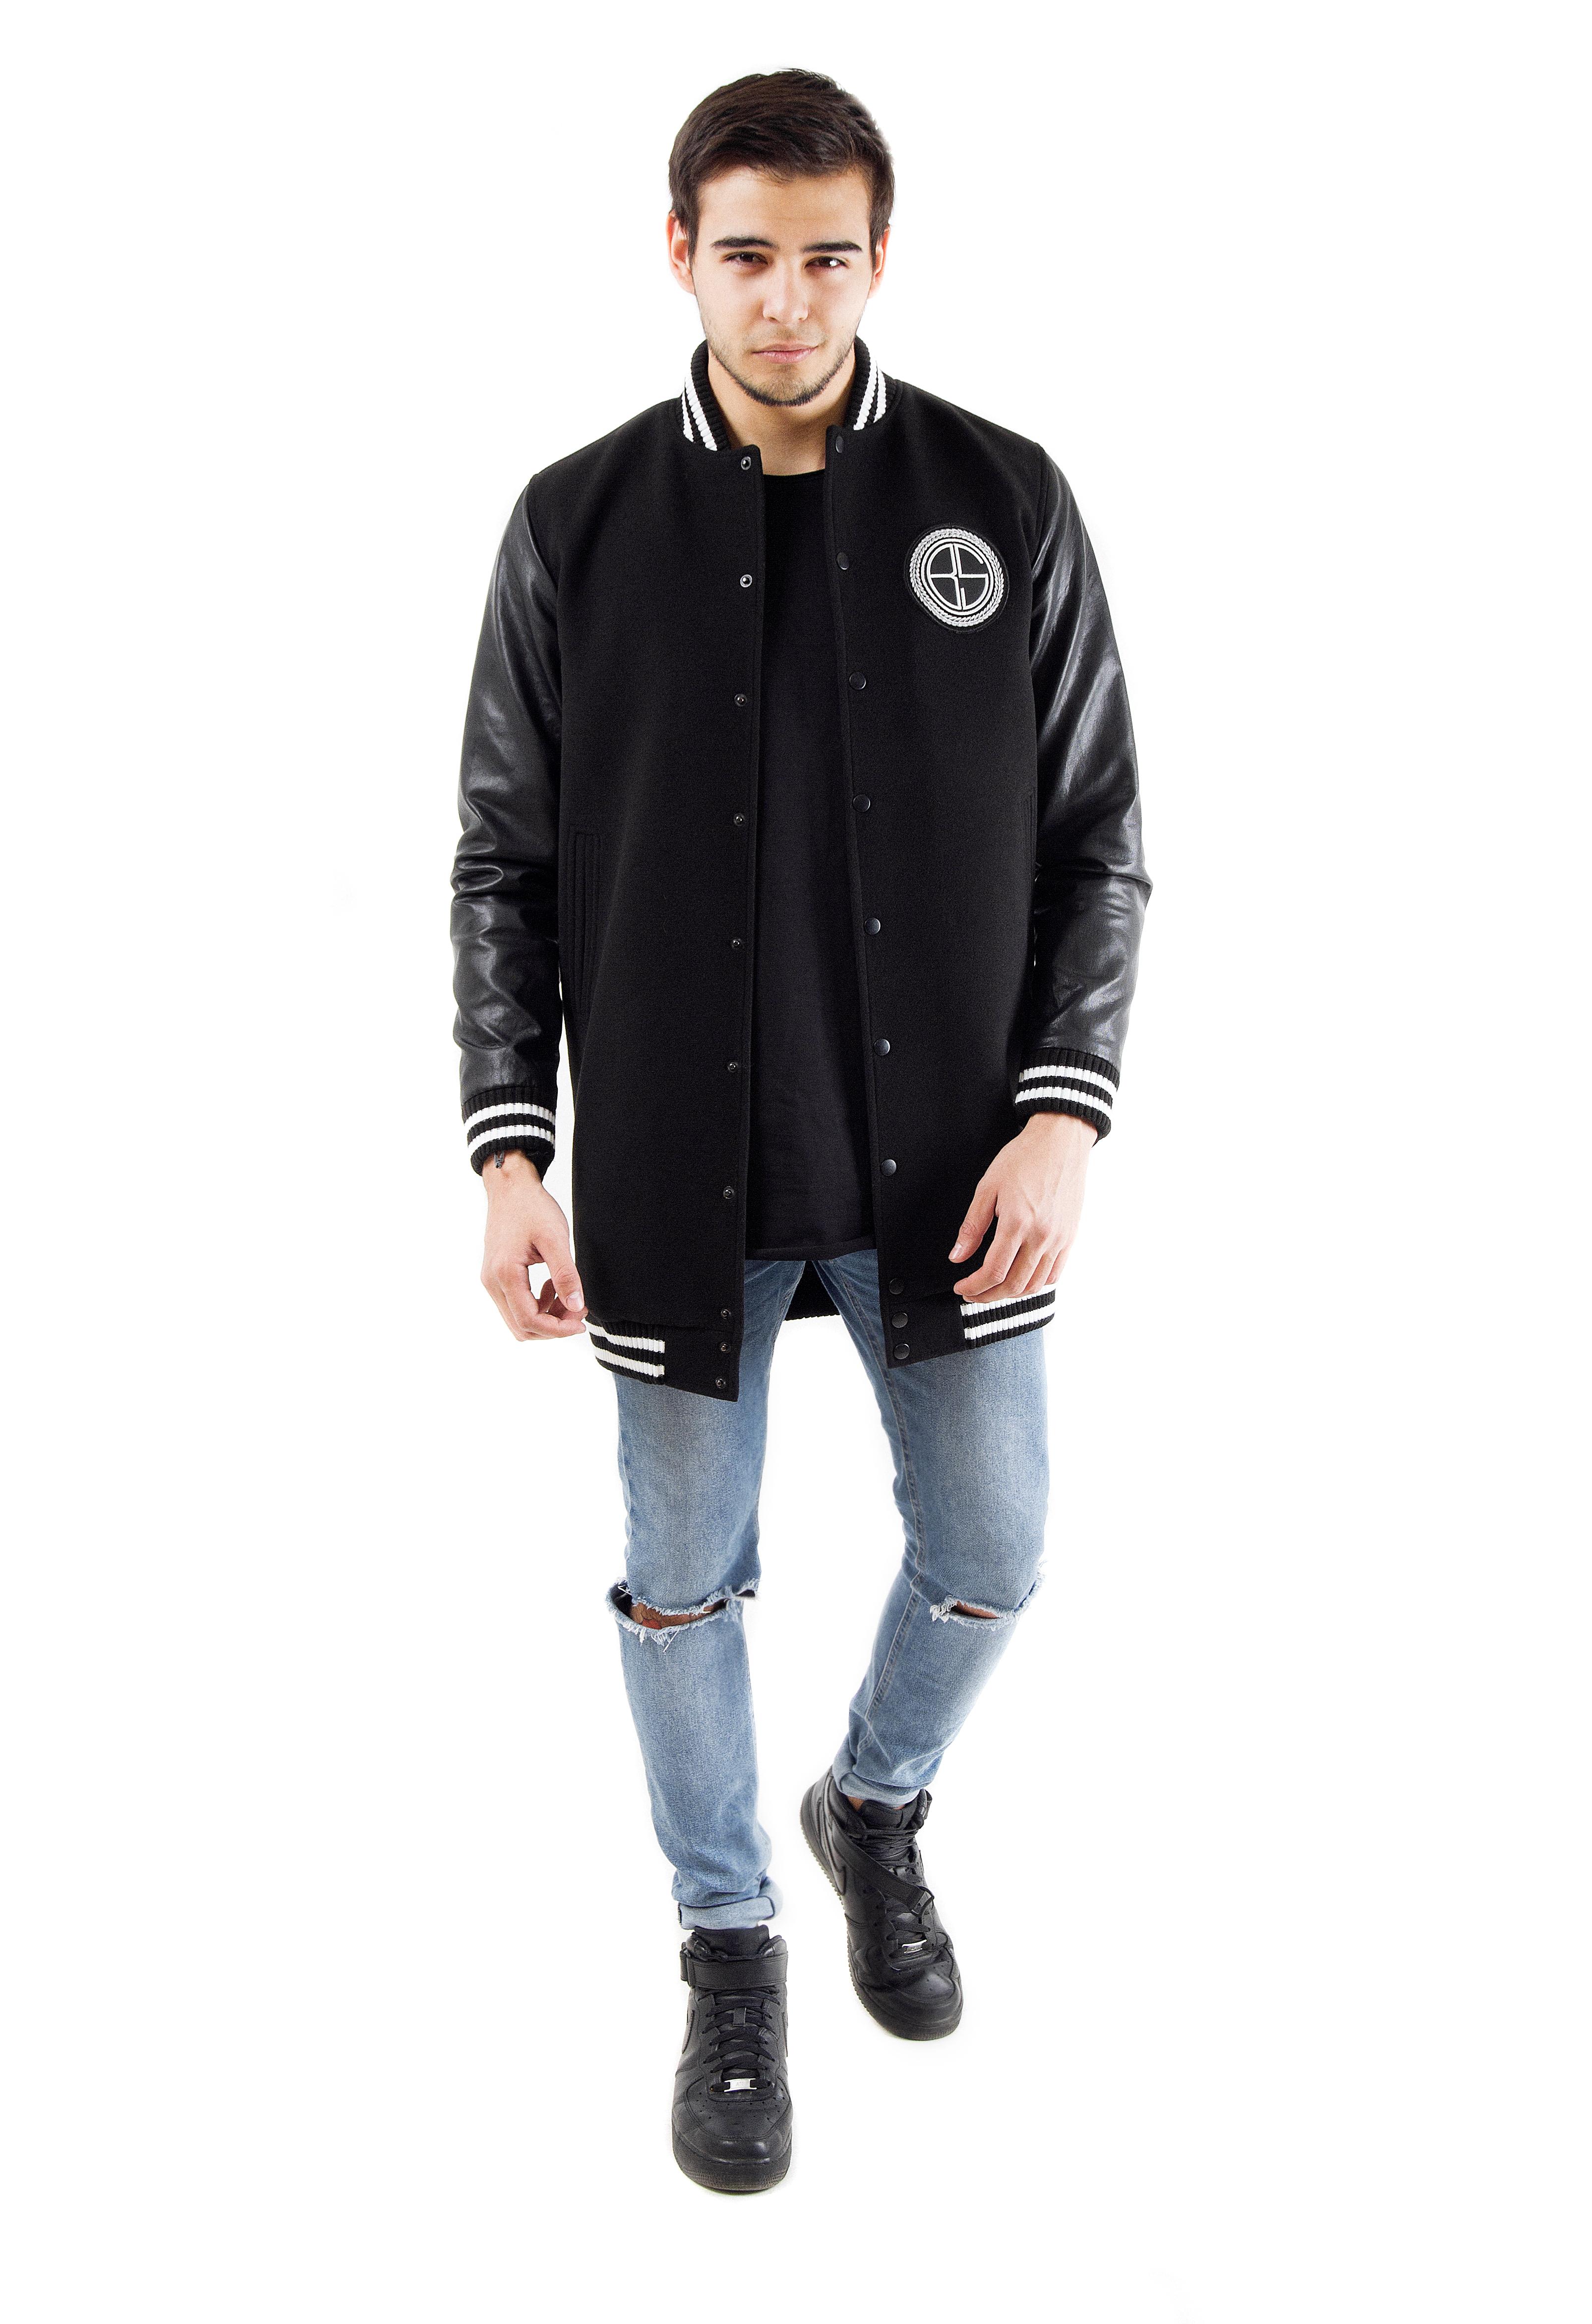 Куртка мужская Wreath Logo WhiteЭффектная черная куртка удлиненного кроя на кнопках подчеркнет чувство стиля и уверенность в себе. Рукава модели выполнены из кожаного материала, манжеты, воротник и пояс отделаны трикотажной резинкой в черно-белую полоску. Примечательная деталь – круглая нашивка с логотипом Black Star, дополненным кантом из лаврового листа. С внутренней стороны практичная подкладка и жаккардовый лейбл бренда.<br><br>Размер: XS<br>Цвет: Черный<br>Пол: Мужской